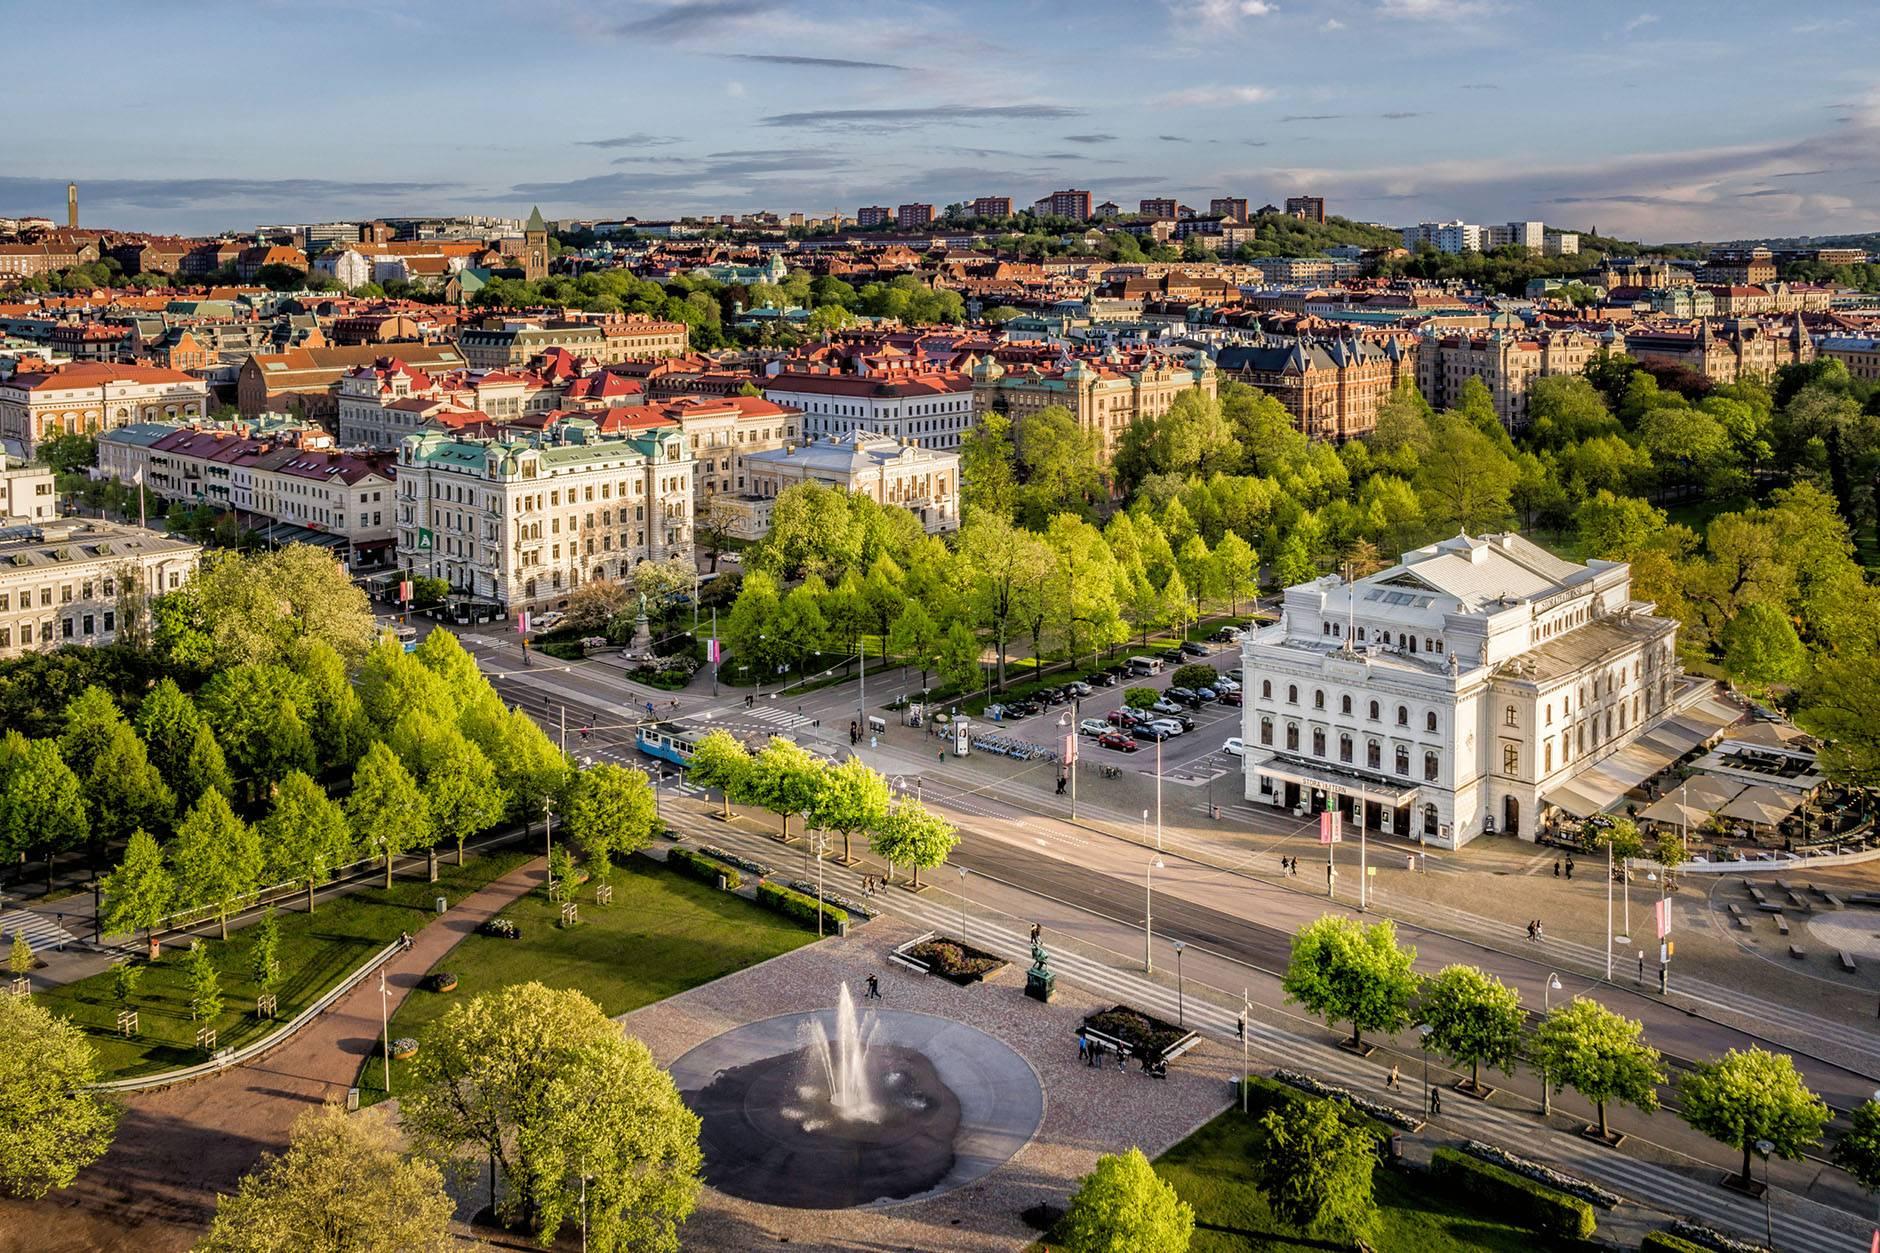 per pixel petersson gothenburg skyline 5224